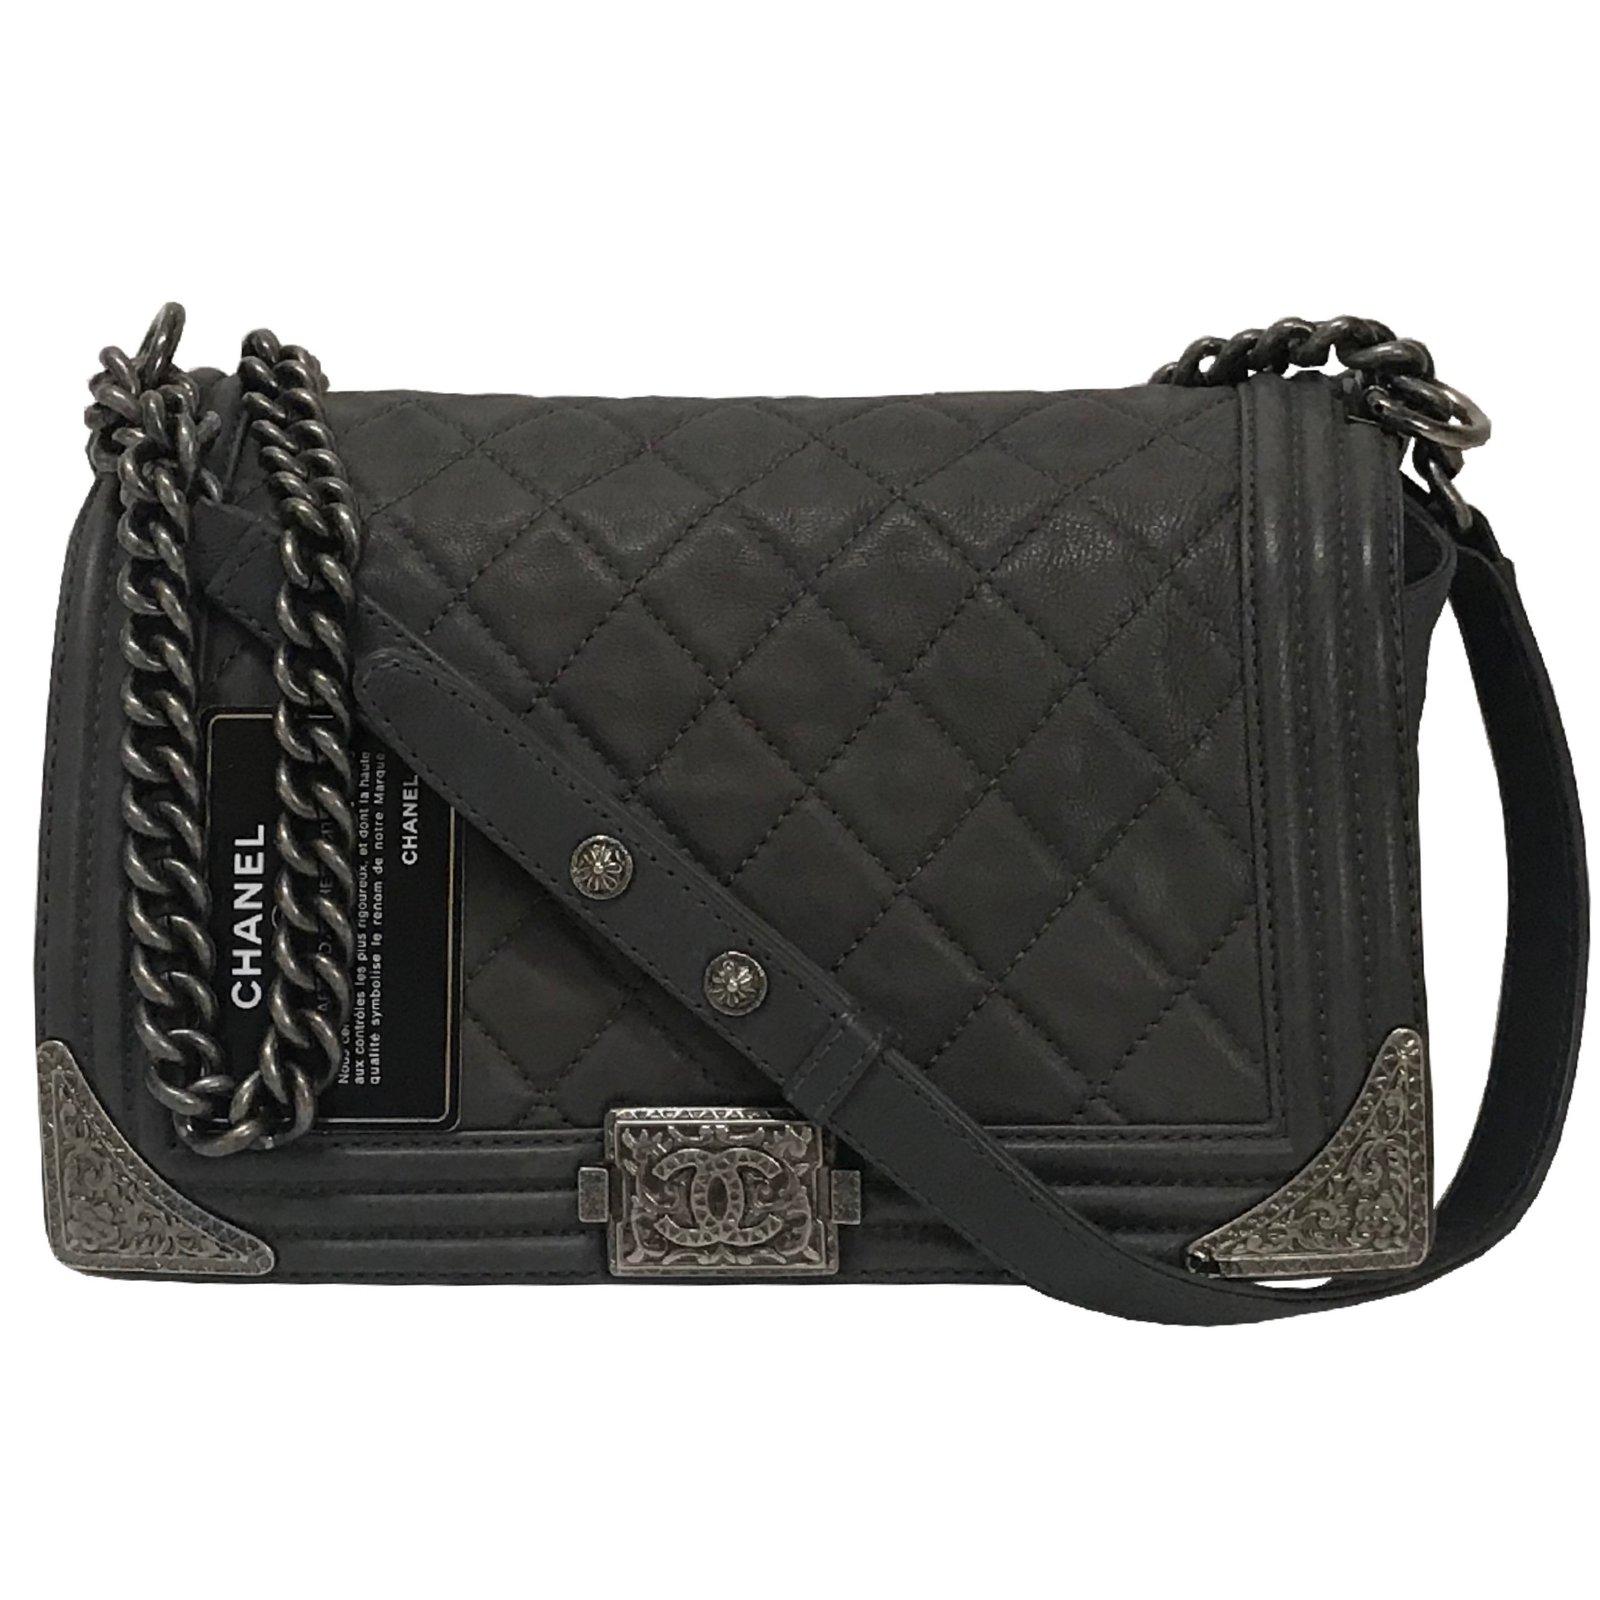 33388907bd62 Chanel Chanel Boy Medium Bag Dallas Handbags Leather Dark grey ref.63290